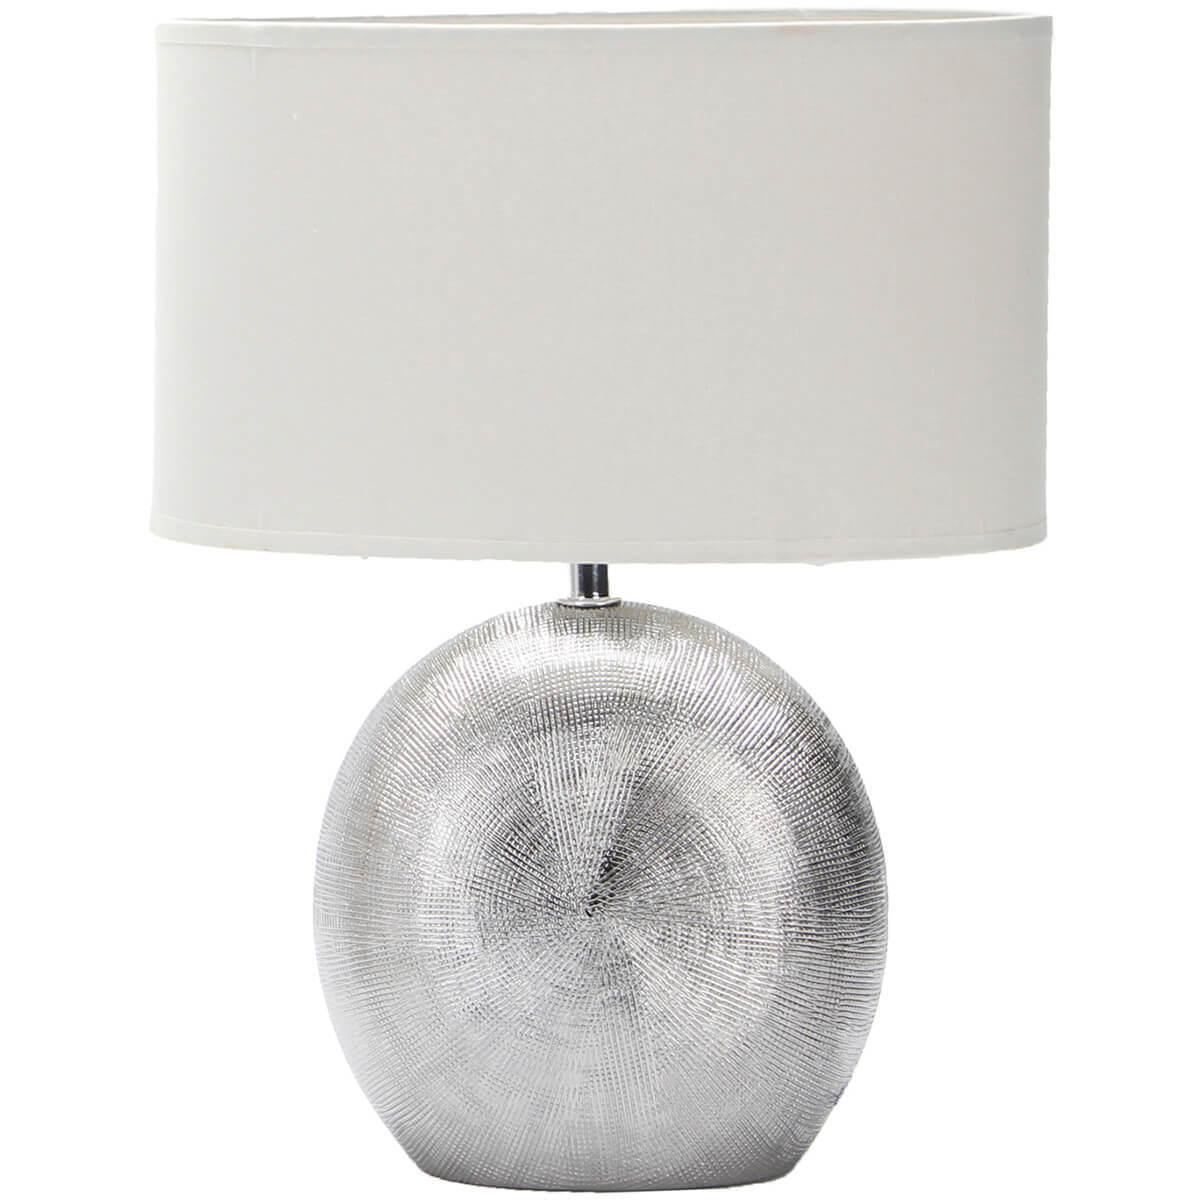 Настольный светильник Omnilux OML-82304-01, E27, 60 Вт